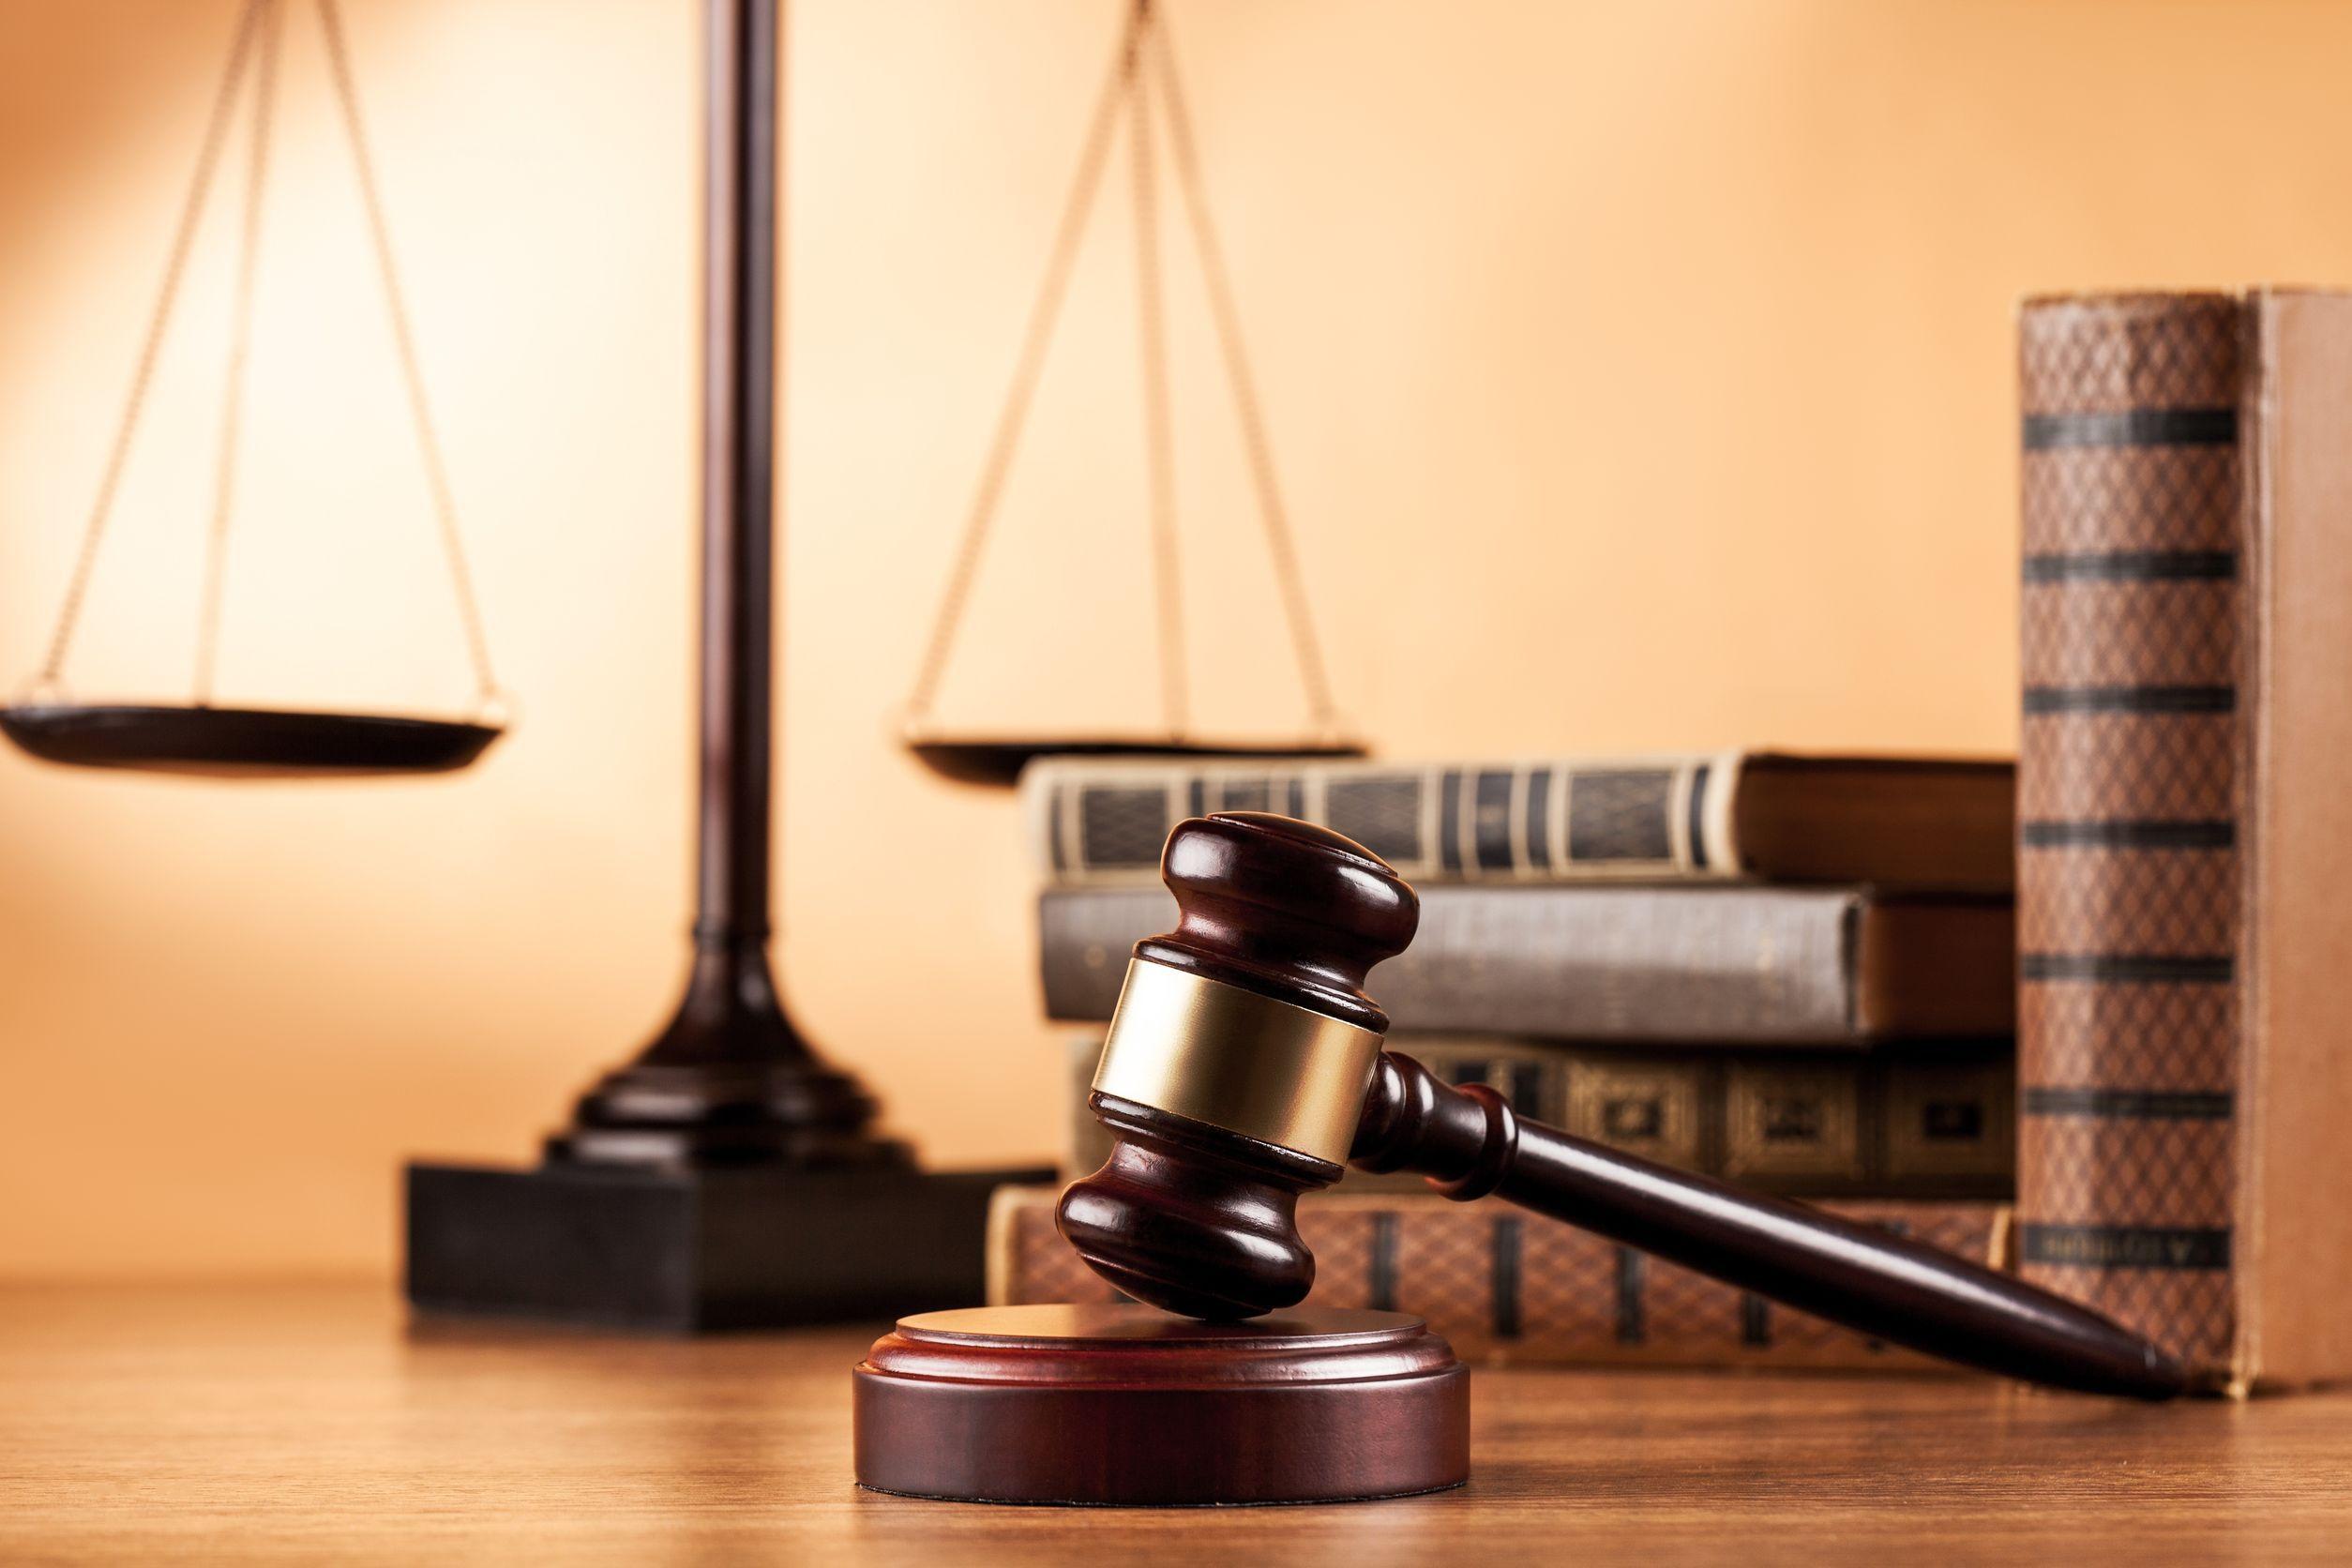 Comisia specială privind justiţia: Judecătorii ICCJ, selectaţi după criteriul integrităţii